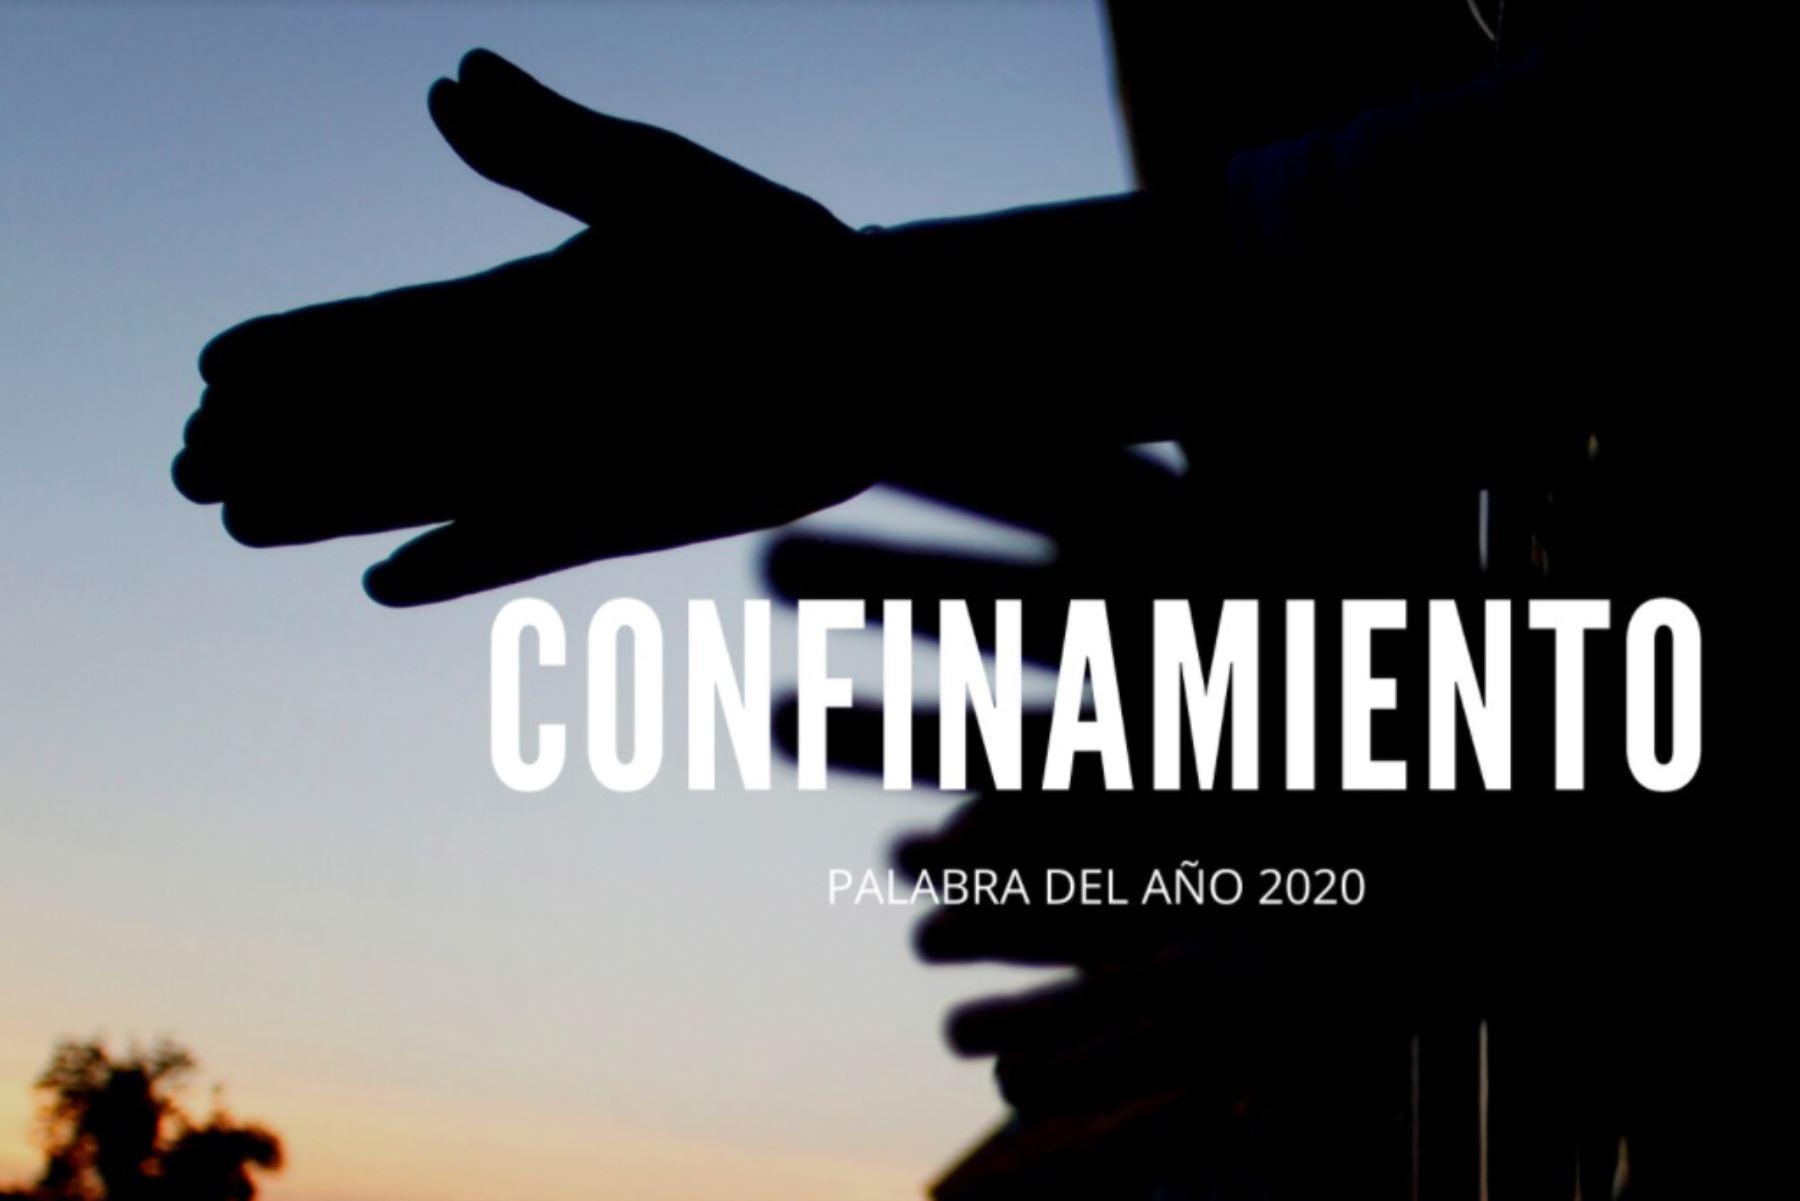 """""""Confinamiento"""" fue la palabra protagonista del 2020 para la Fundación del Español Urgente (FundéuRAE). Foto: FundéuRAE"""